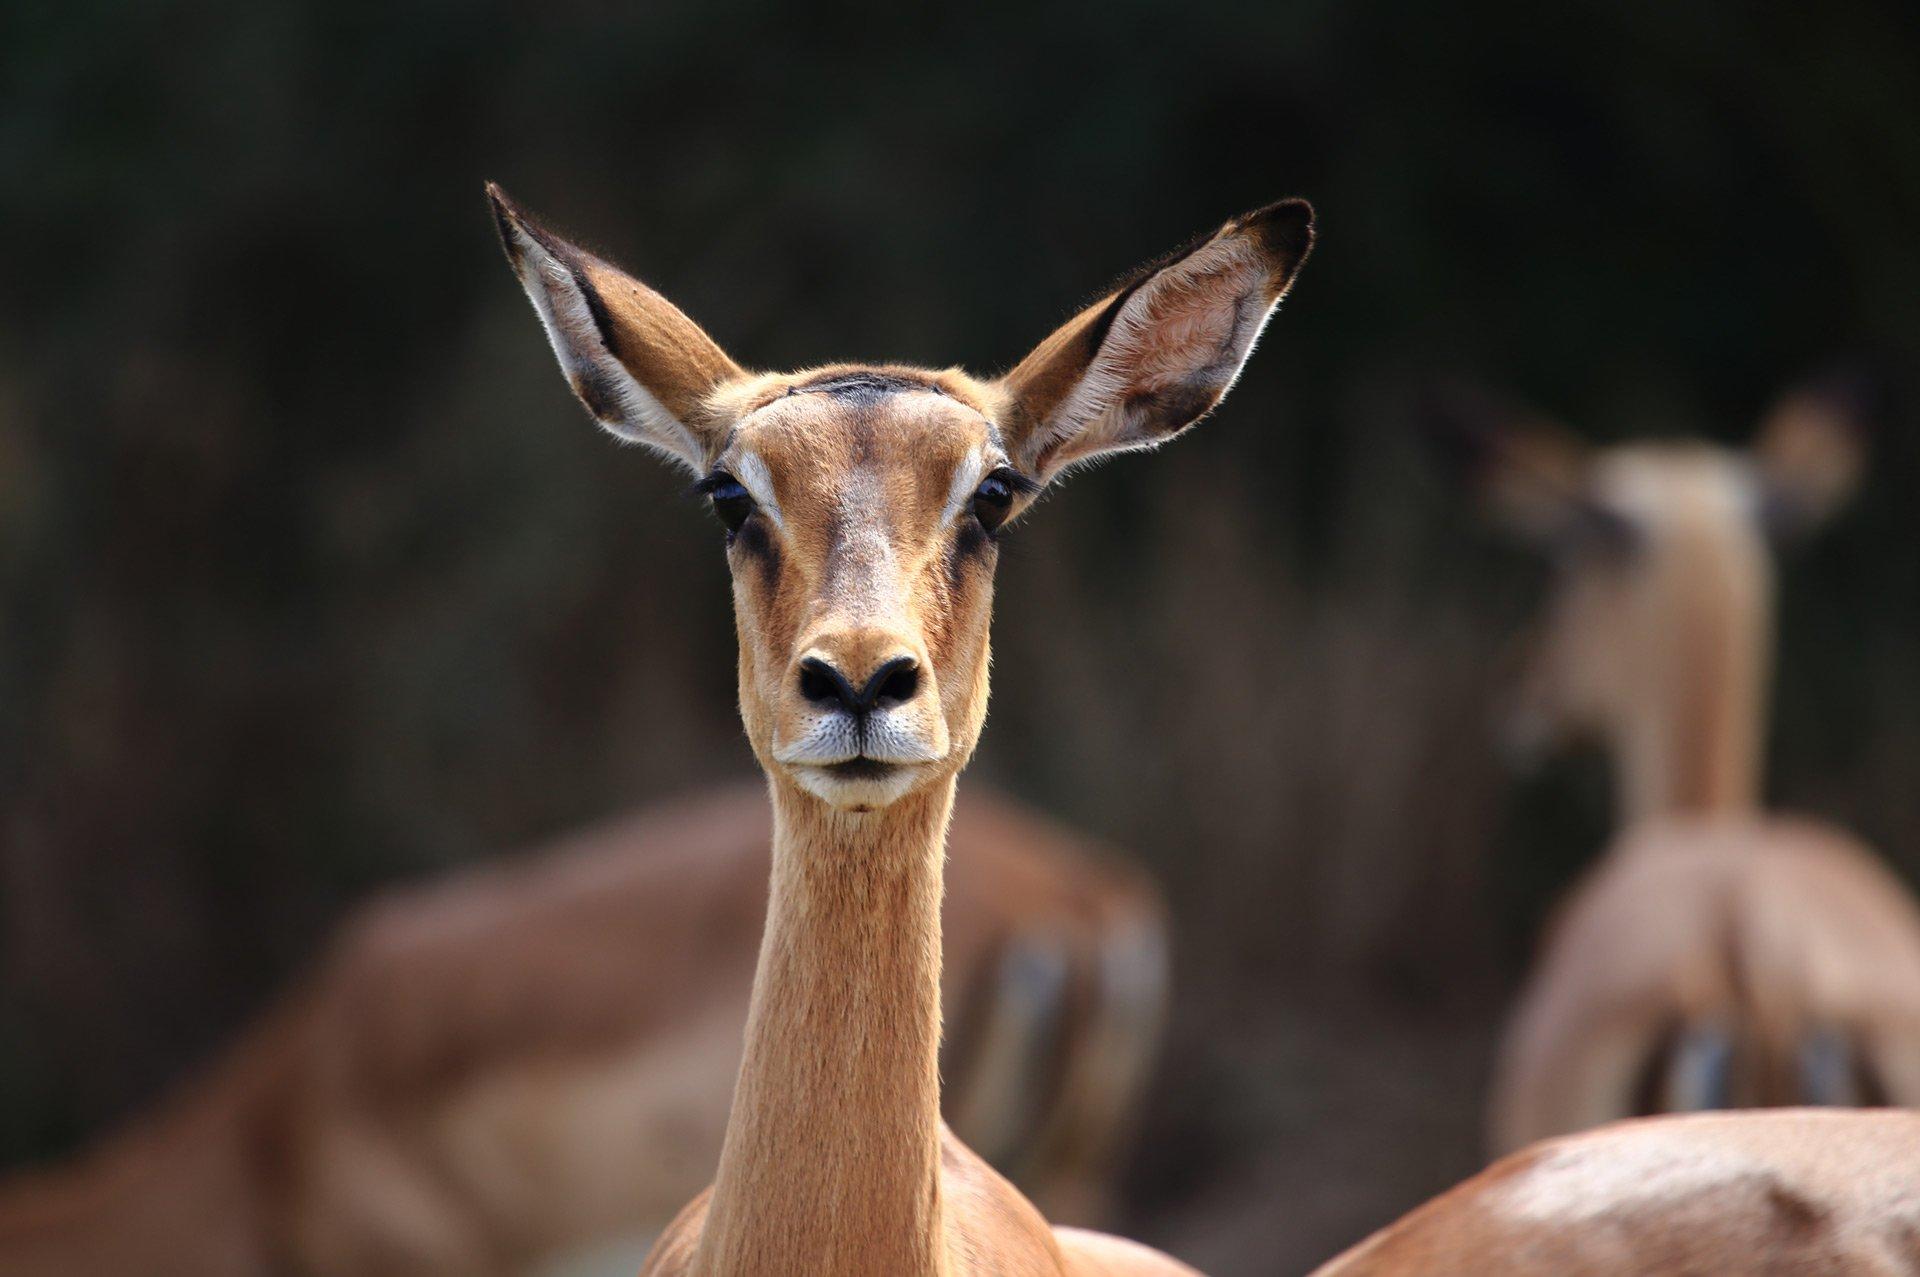 Jens Landmesser Tierfotografie im Opel-Zoo